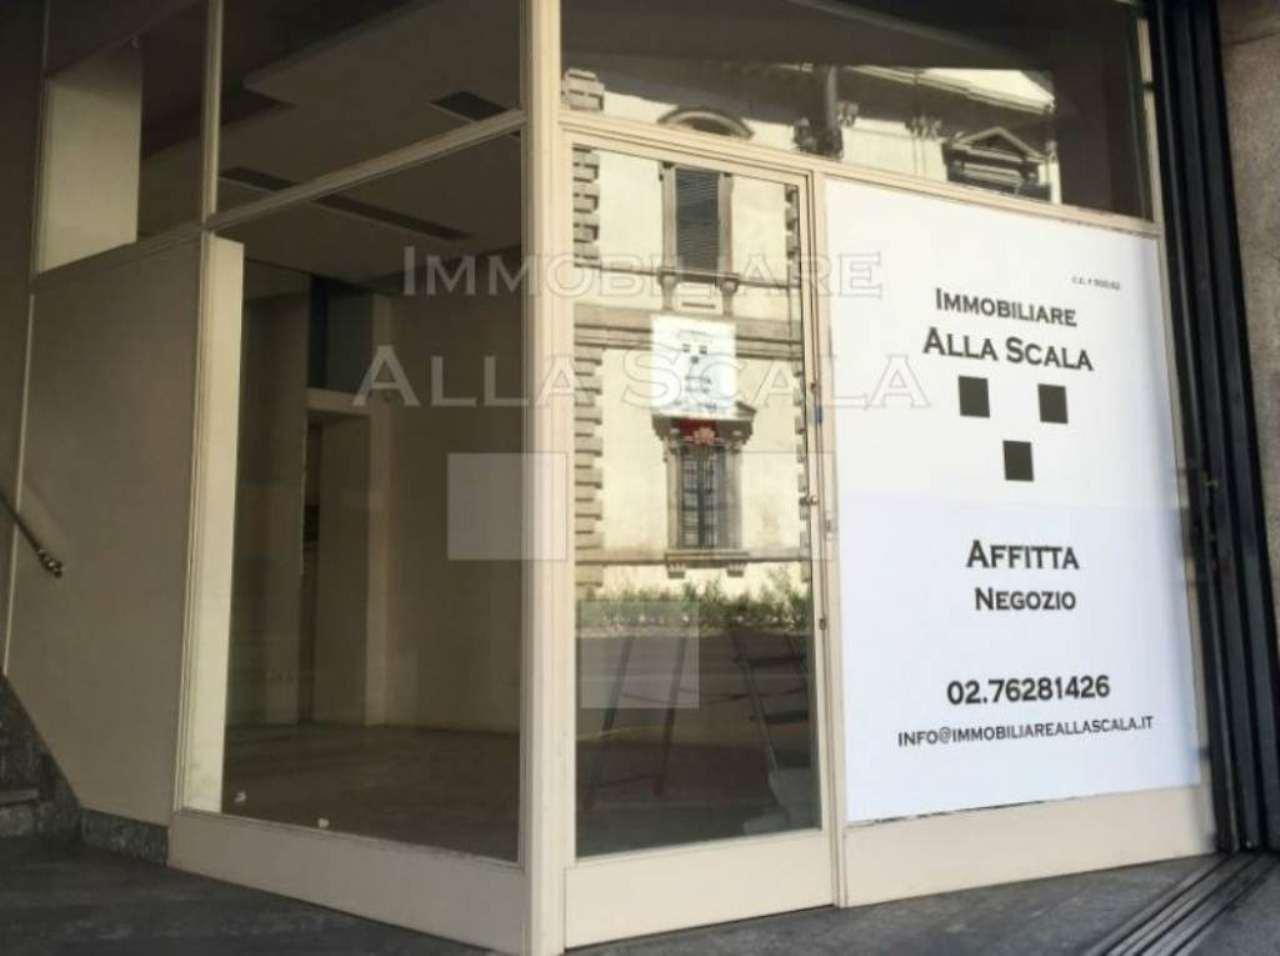 Negozio / Locale in affitto a Milano, 1 locali, zona Zona: 1 . Centro Storico, Duomo, Brera, Cadorna, Cattolica, prezzo € 3.000 | Cambio Casa.it